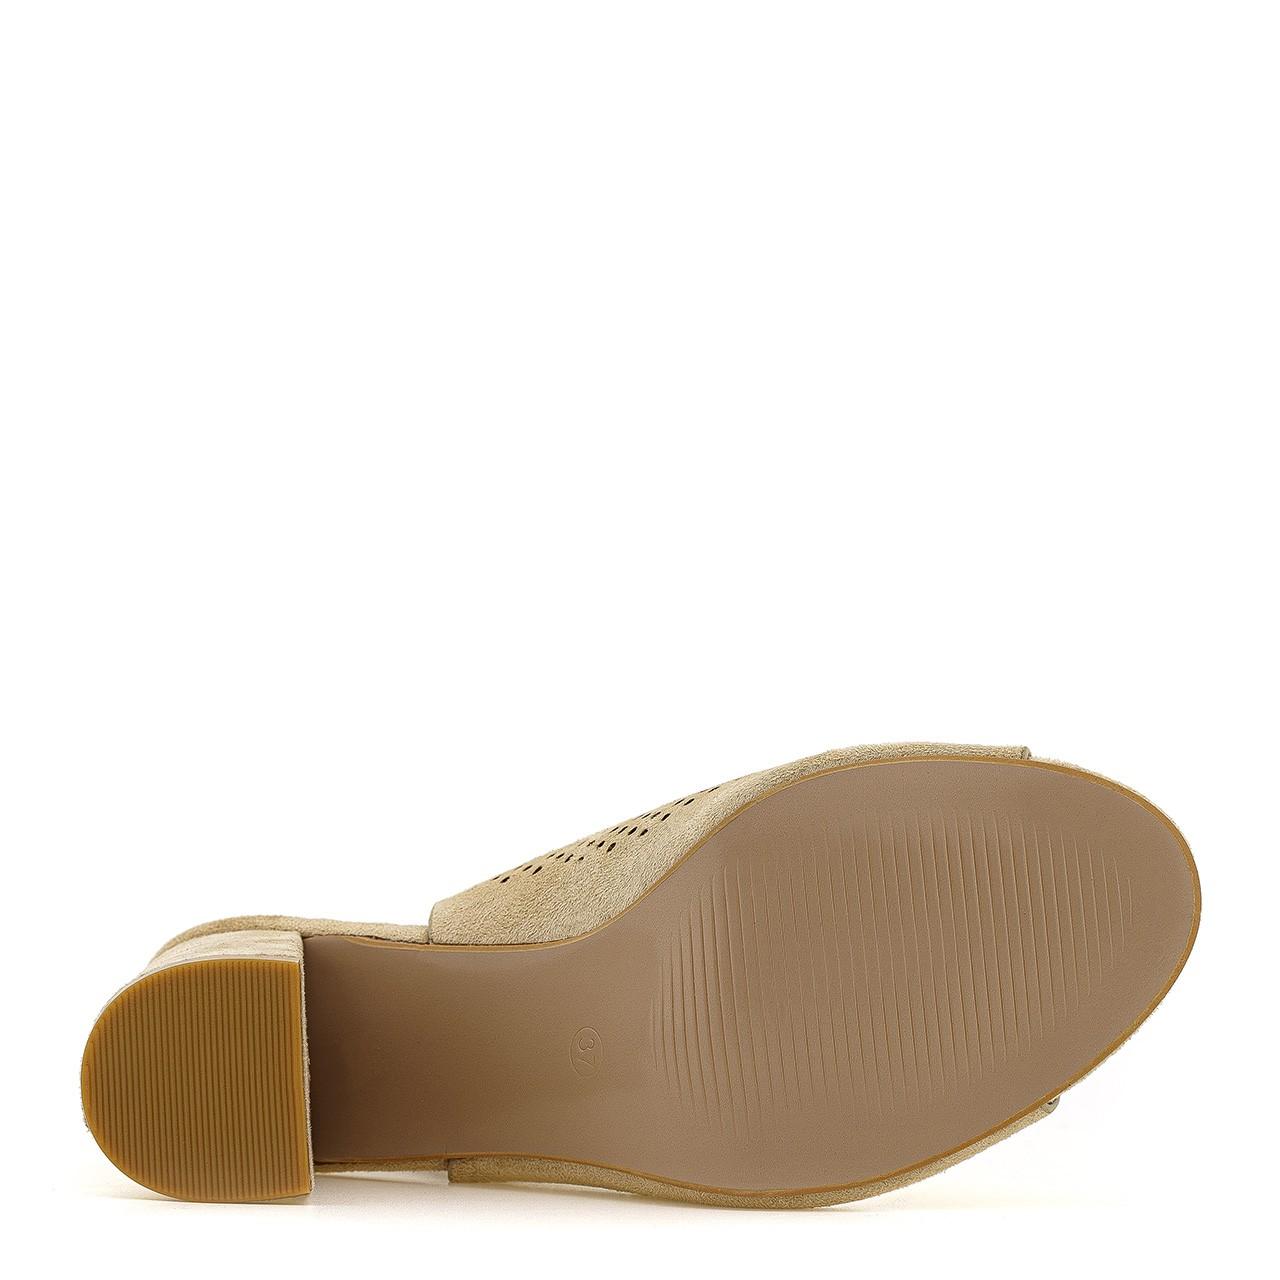 Beżowo kremowe botki na słupku ażurowe z wycięciami w stylu